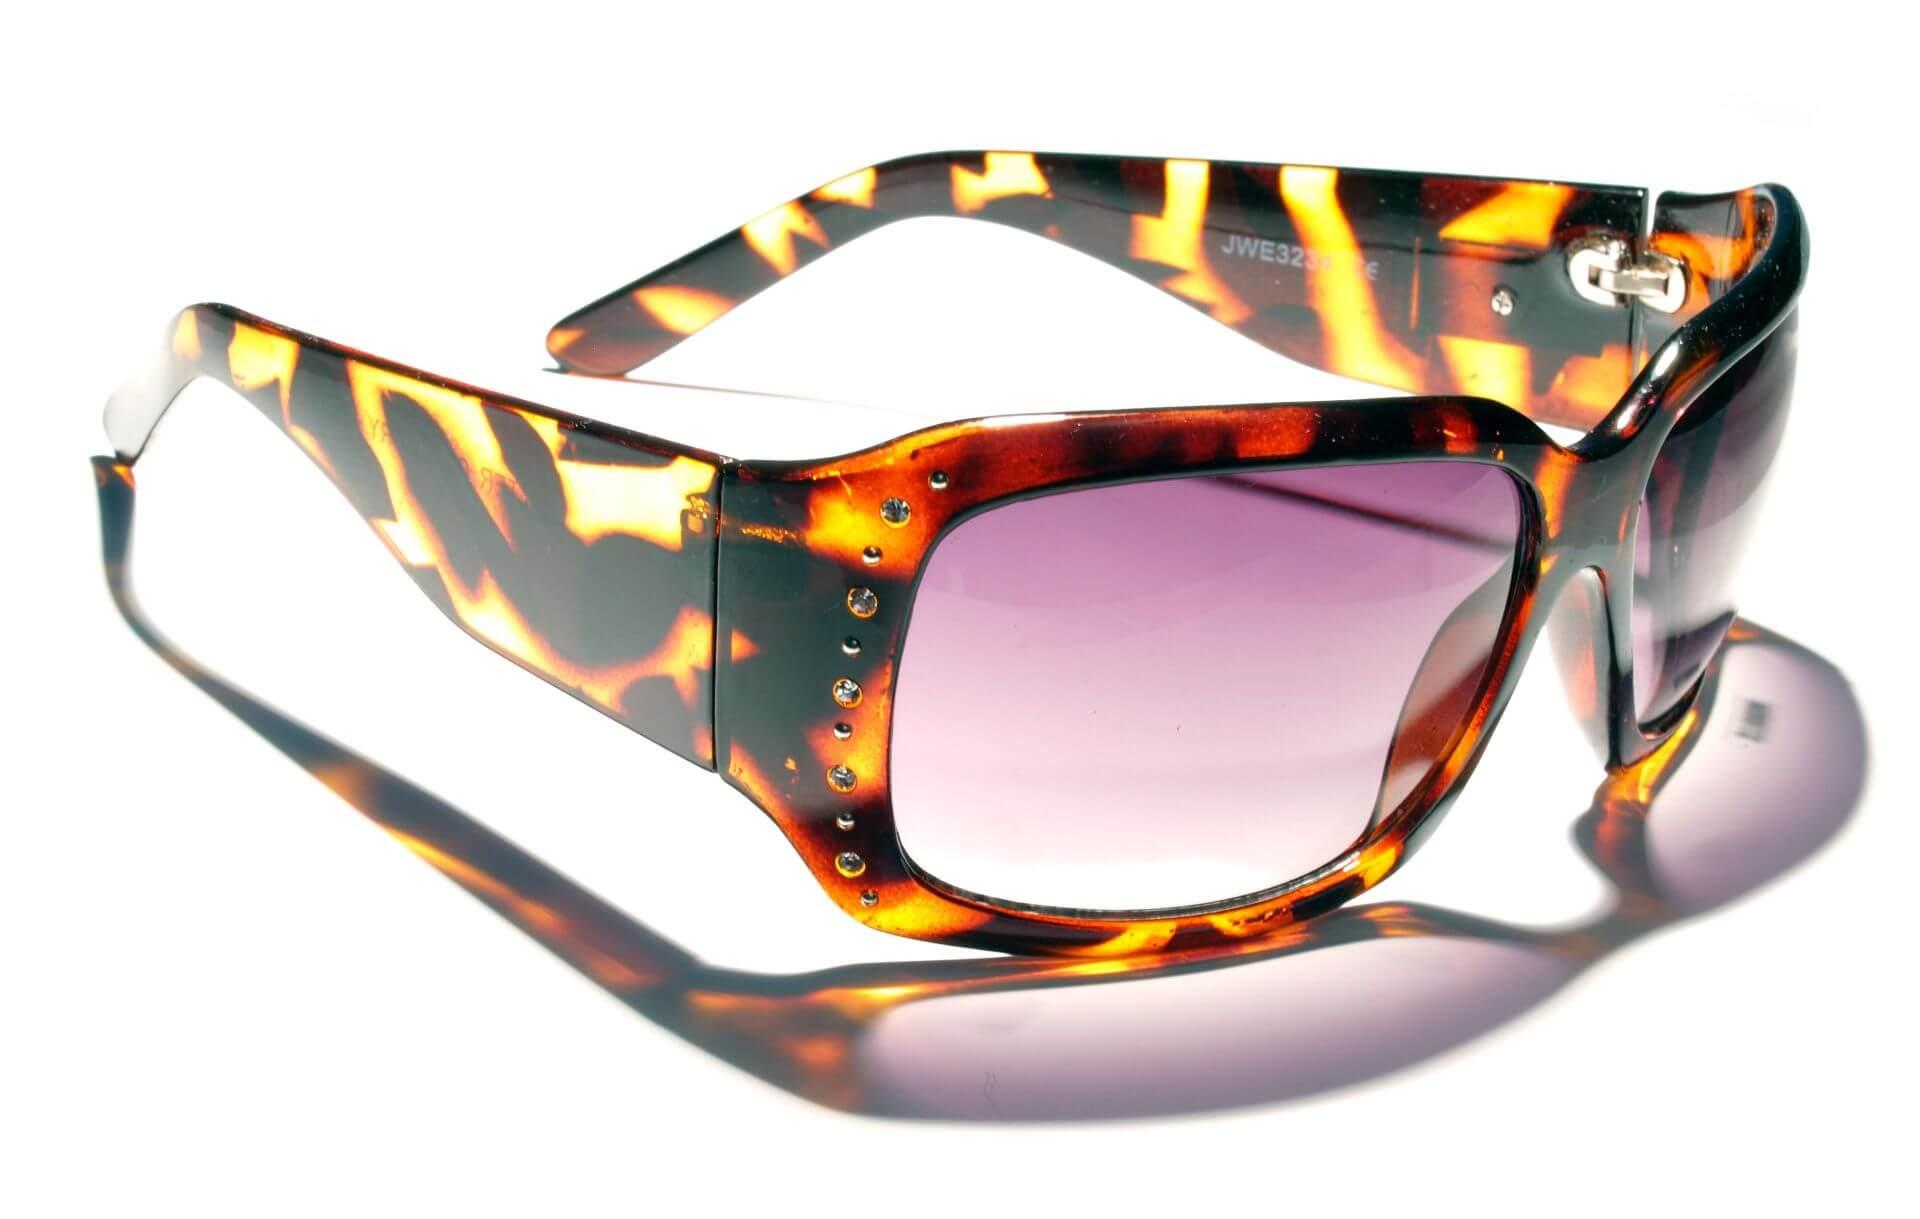 Individuelle, massengefertige Sonnenbrillen aus dem 3D-Drucker werden zum Trend 2014